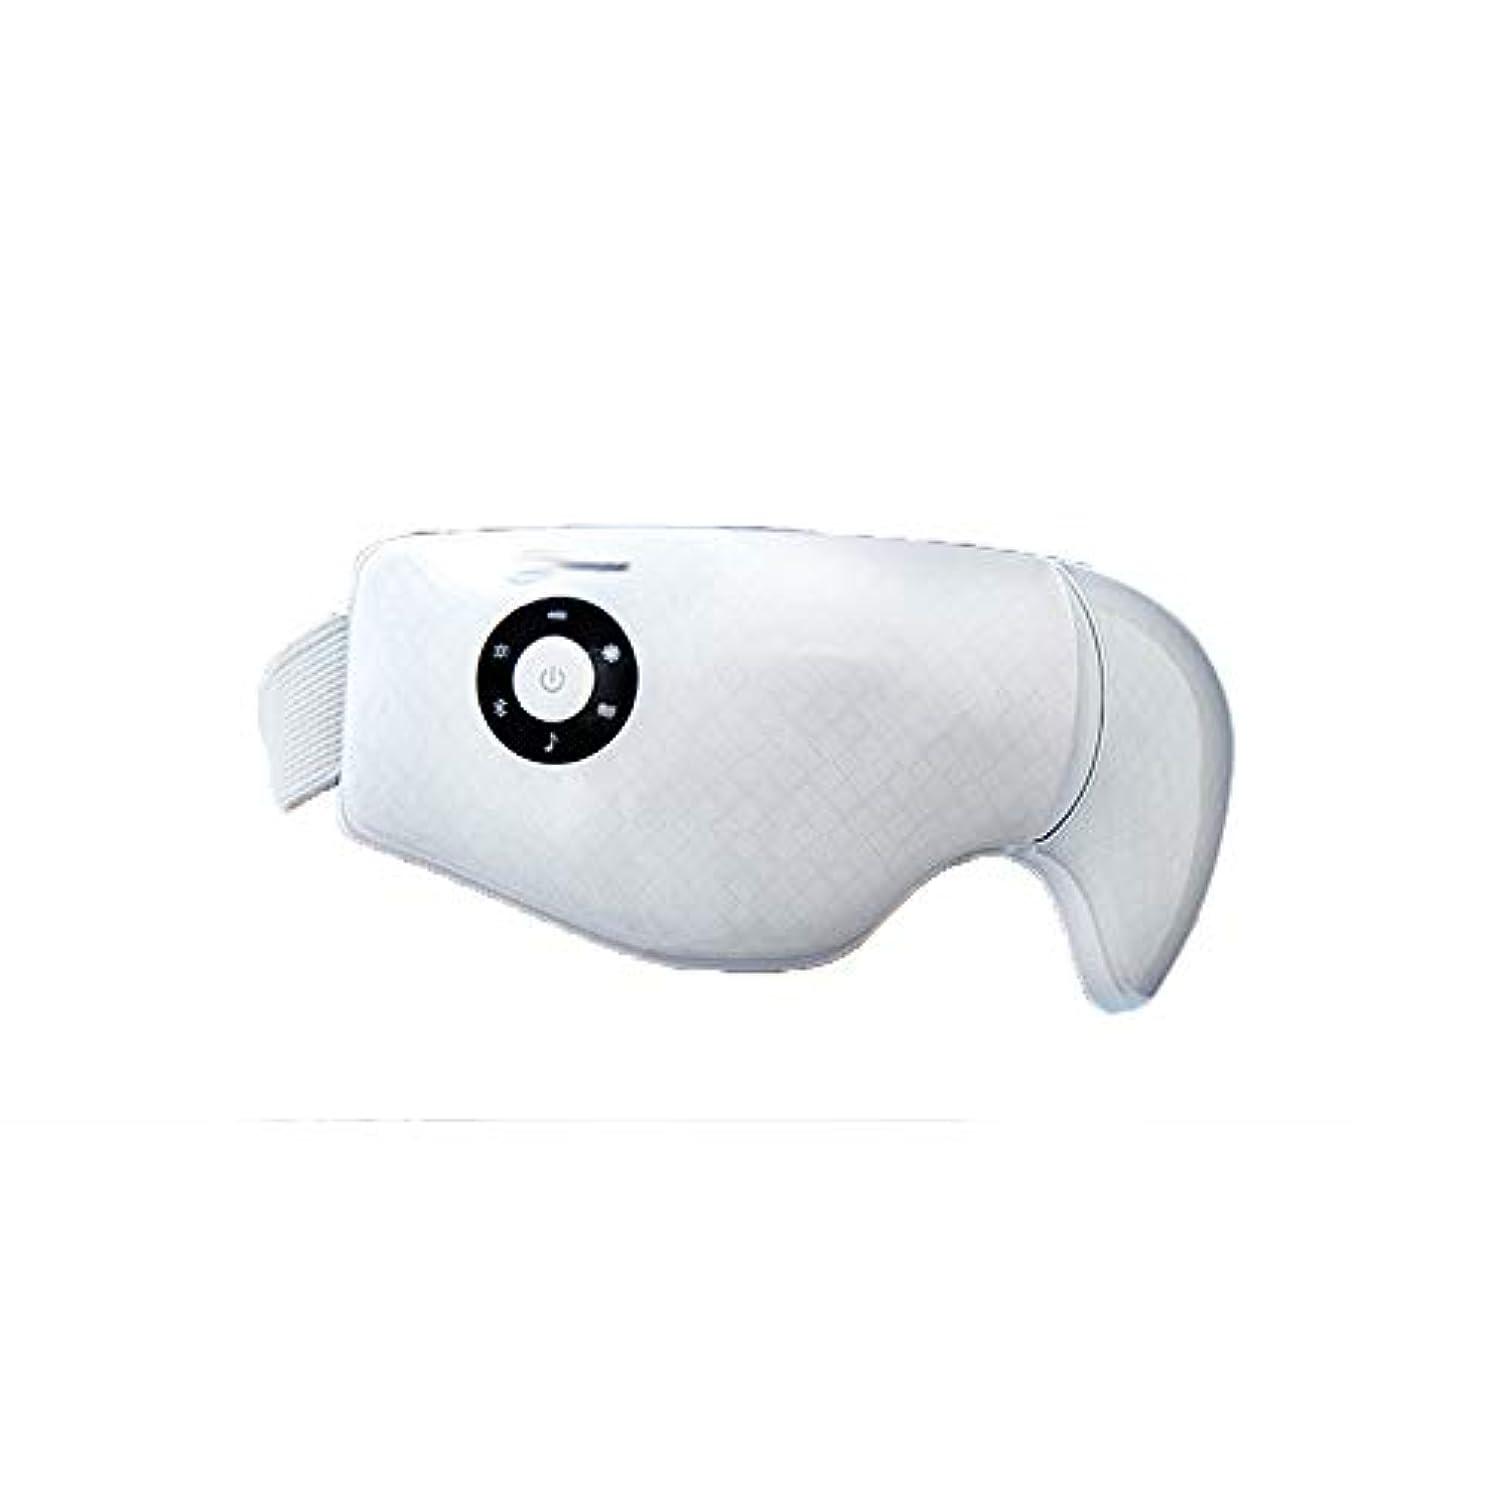 さらにメンバーコイルマッサージャー - マッサージャーは、黒丸を回復するために近視をホット圧縮します (Color : White)